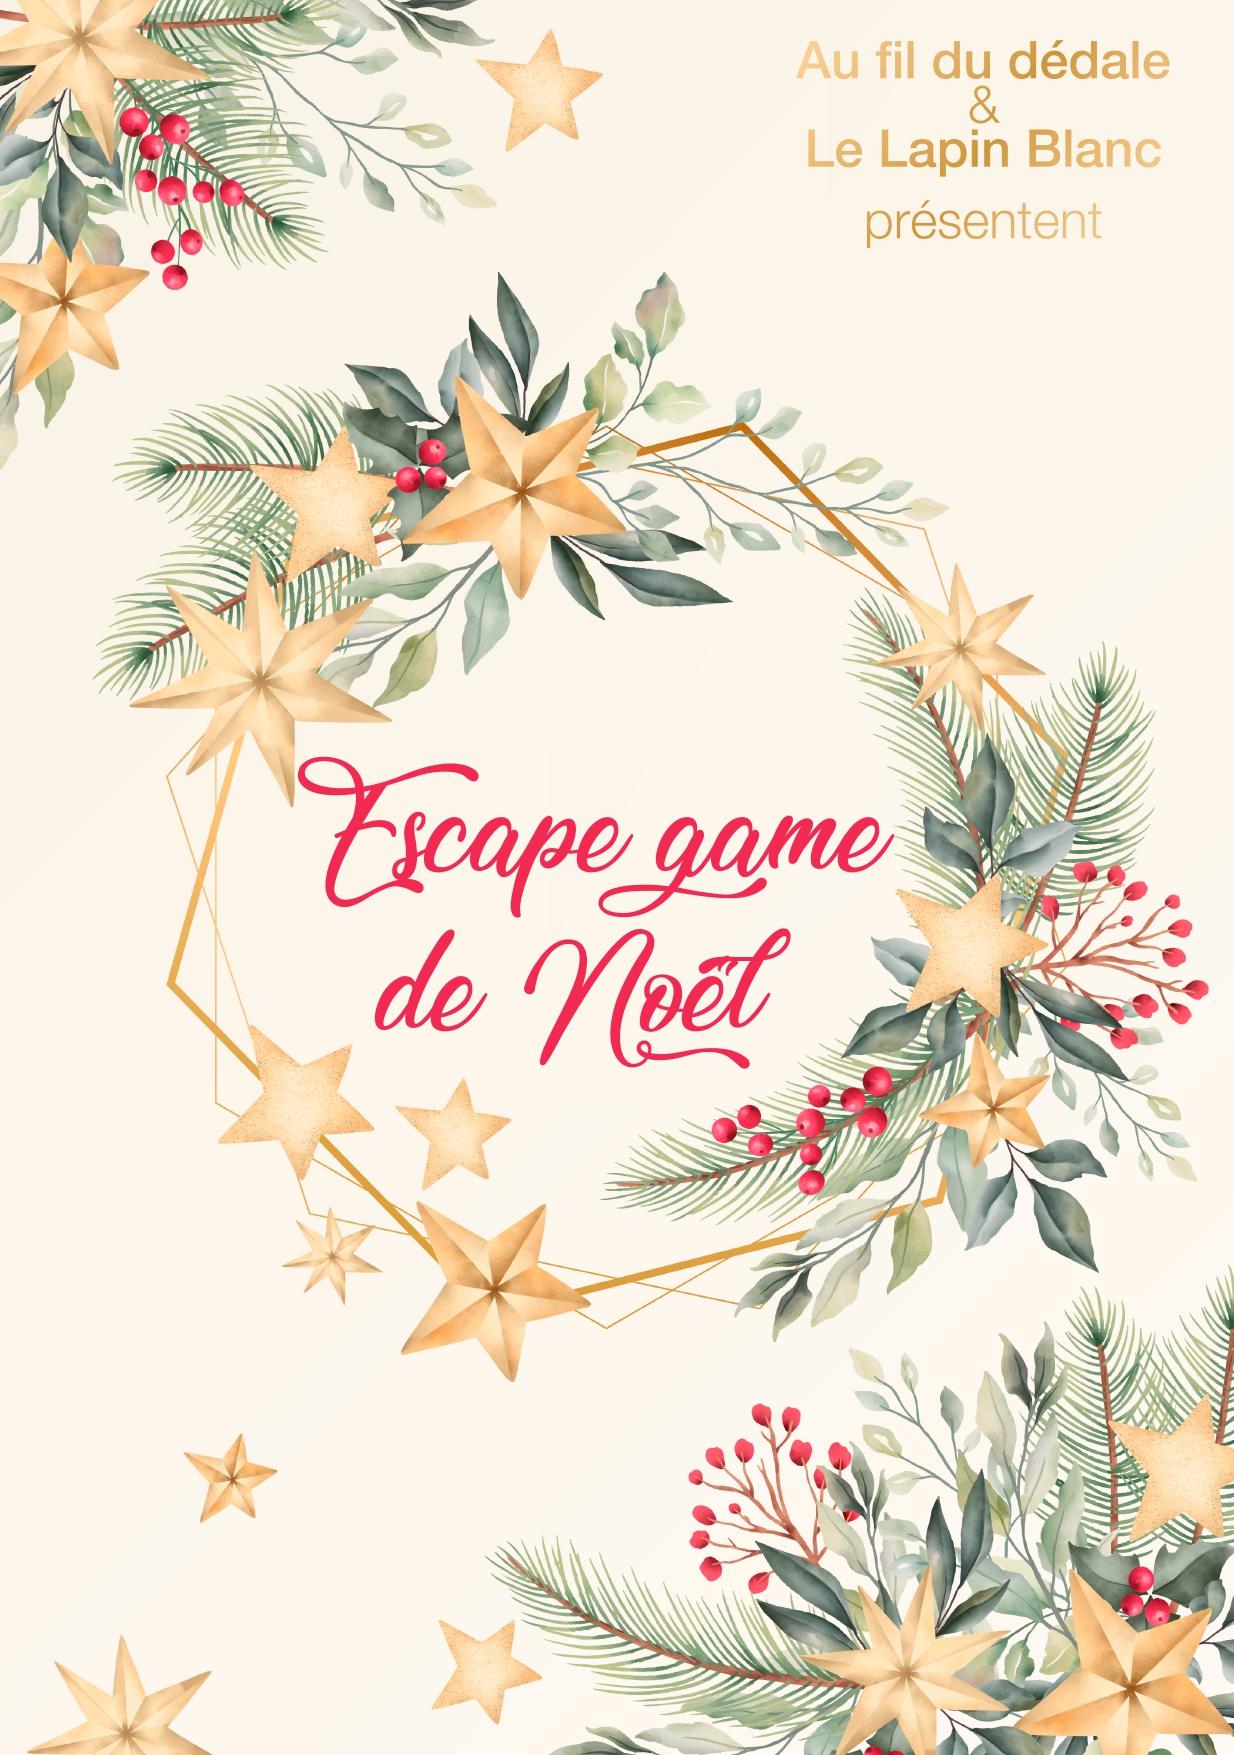 Escape game géant de Noël - Le Lapin Blanc & Au fil du dédale